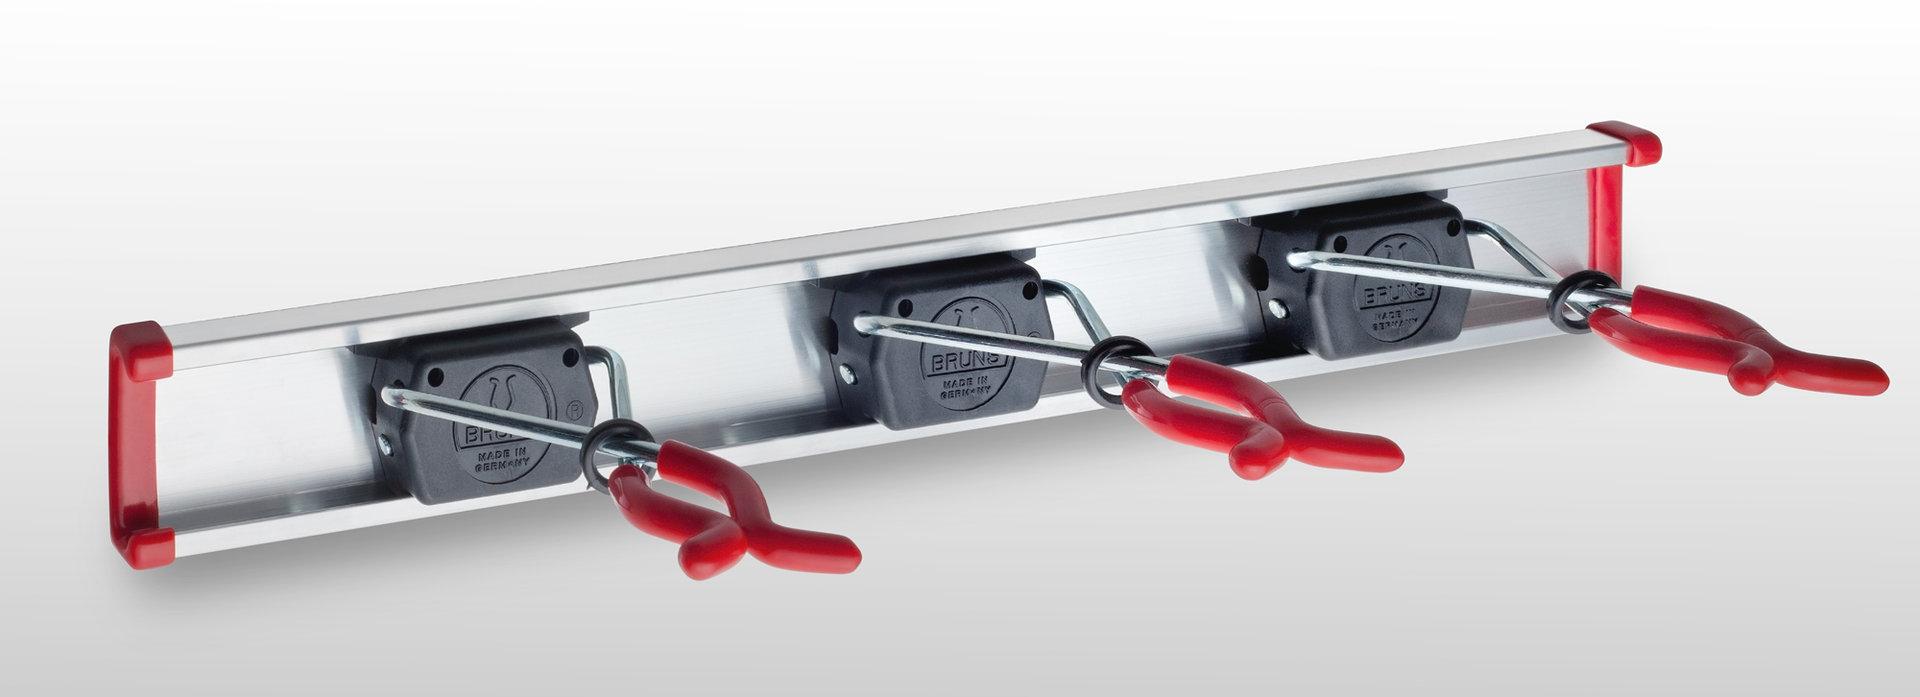 Bruns SB 3.05 - 3 Gerätehalter mit 0,5m Schiene